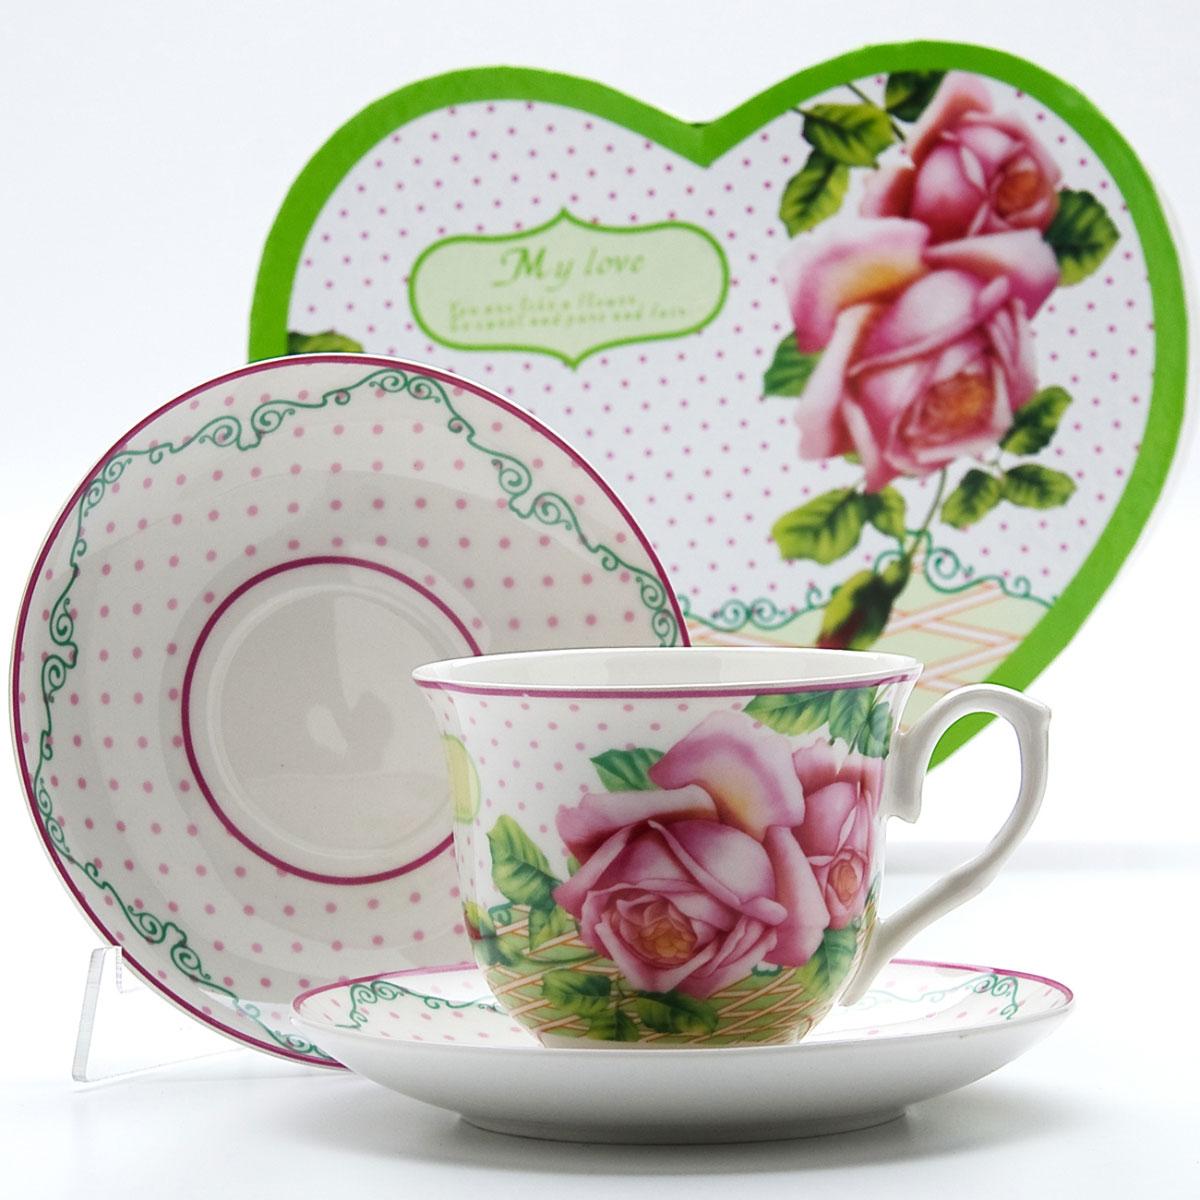 Чайная пара Mayer & Boch Роза, 4 предмета. 2299322993Этот чайный набор, выполненный из высококачественного костяного фарфора, состоит из двух чашек и двух блюдец. Предметы набора оформлены ярким изображением цветов. Изящный дизайн и красочность оформления придутся по вкусу и ценителям классики, и тем, кто предпочитает утонченность и изысканность. Чайный набор - идеальный и необходимый подарок для вашего дома и для ваших друзей в праздники, юбилеи и торжества! Он также станет отличным корпоративным подарком и украшением любой кухни. Чайный набор упакован в подарочную коробку в форме сердца из плотного цветного картона. Внутренняя часть коробки задрапирована белым атласом.